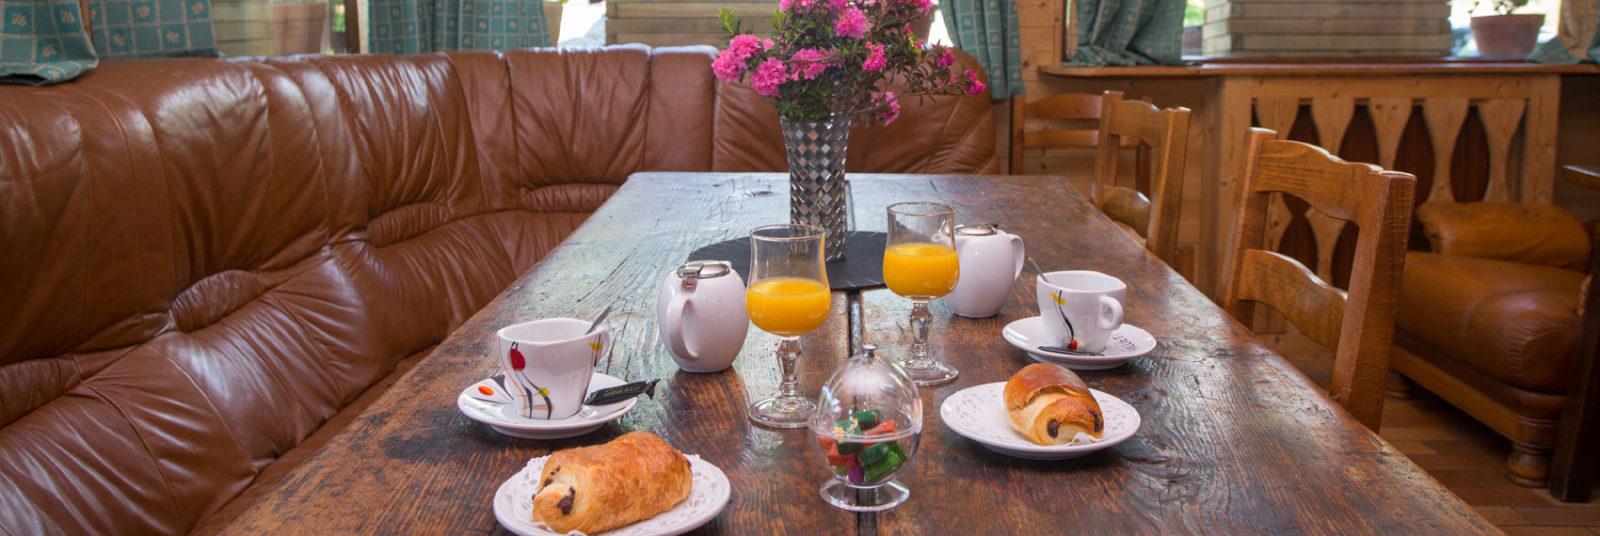 Hotel petit déjeuner Hautes Alpes